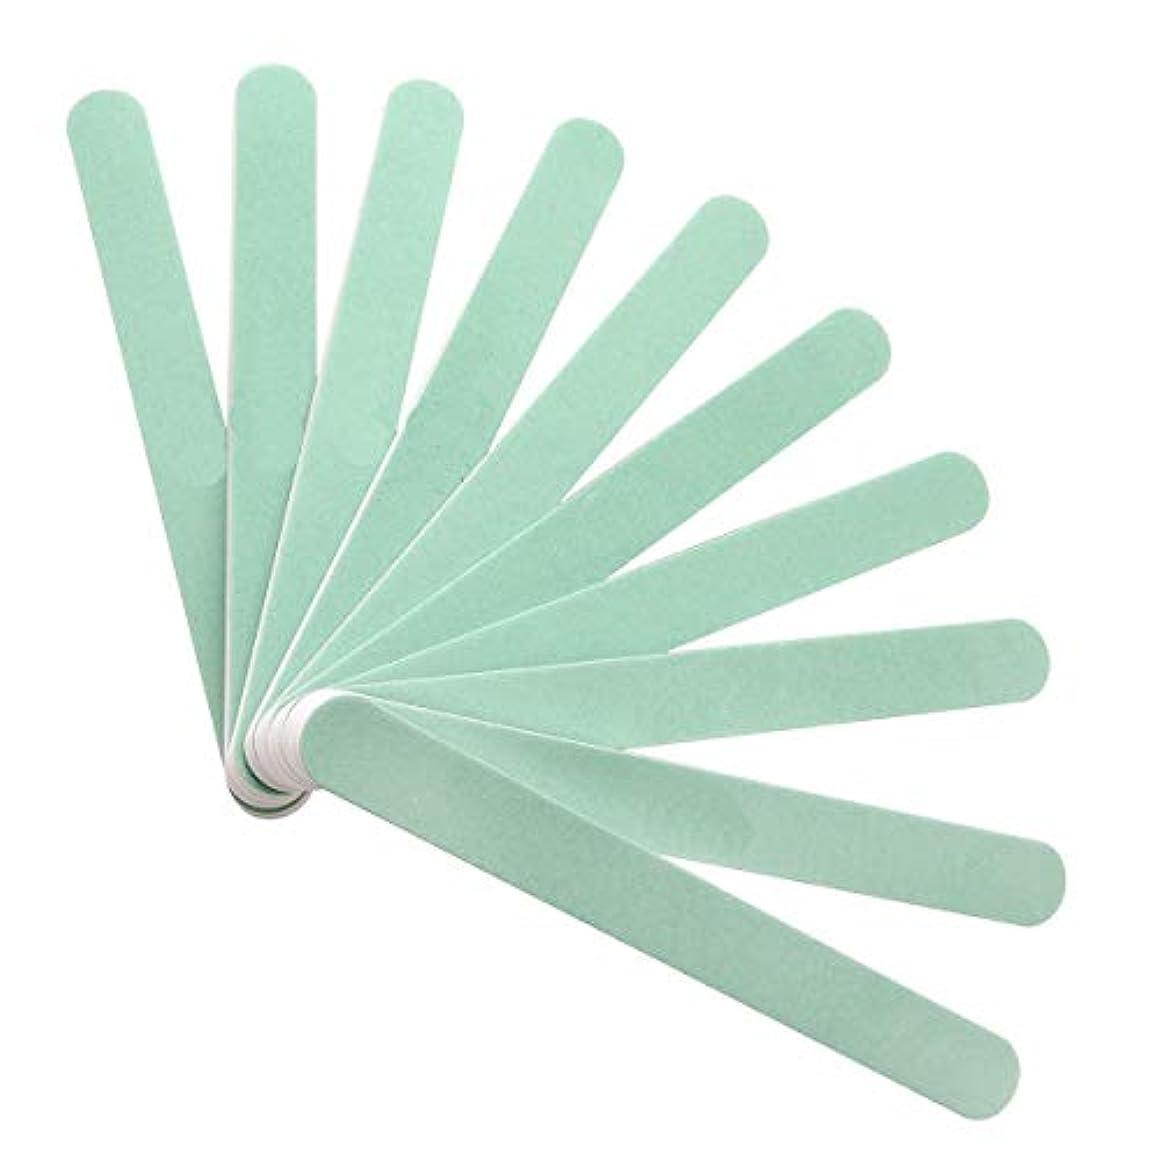 ピラミッド類似性緊張する10本入バッファーグリットバッファー爪 磨き ネイルシャイナー ネイルをつやつやにスポンジファイルソフトファイル